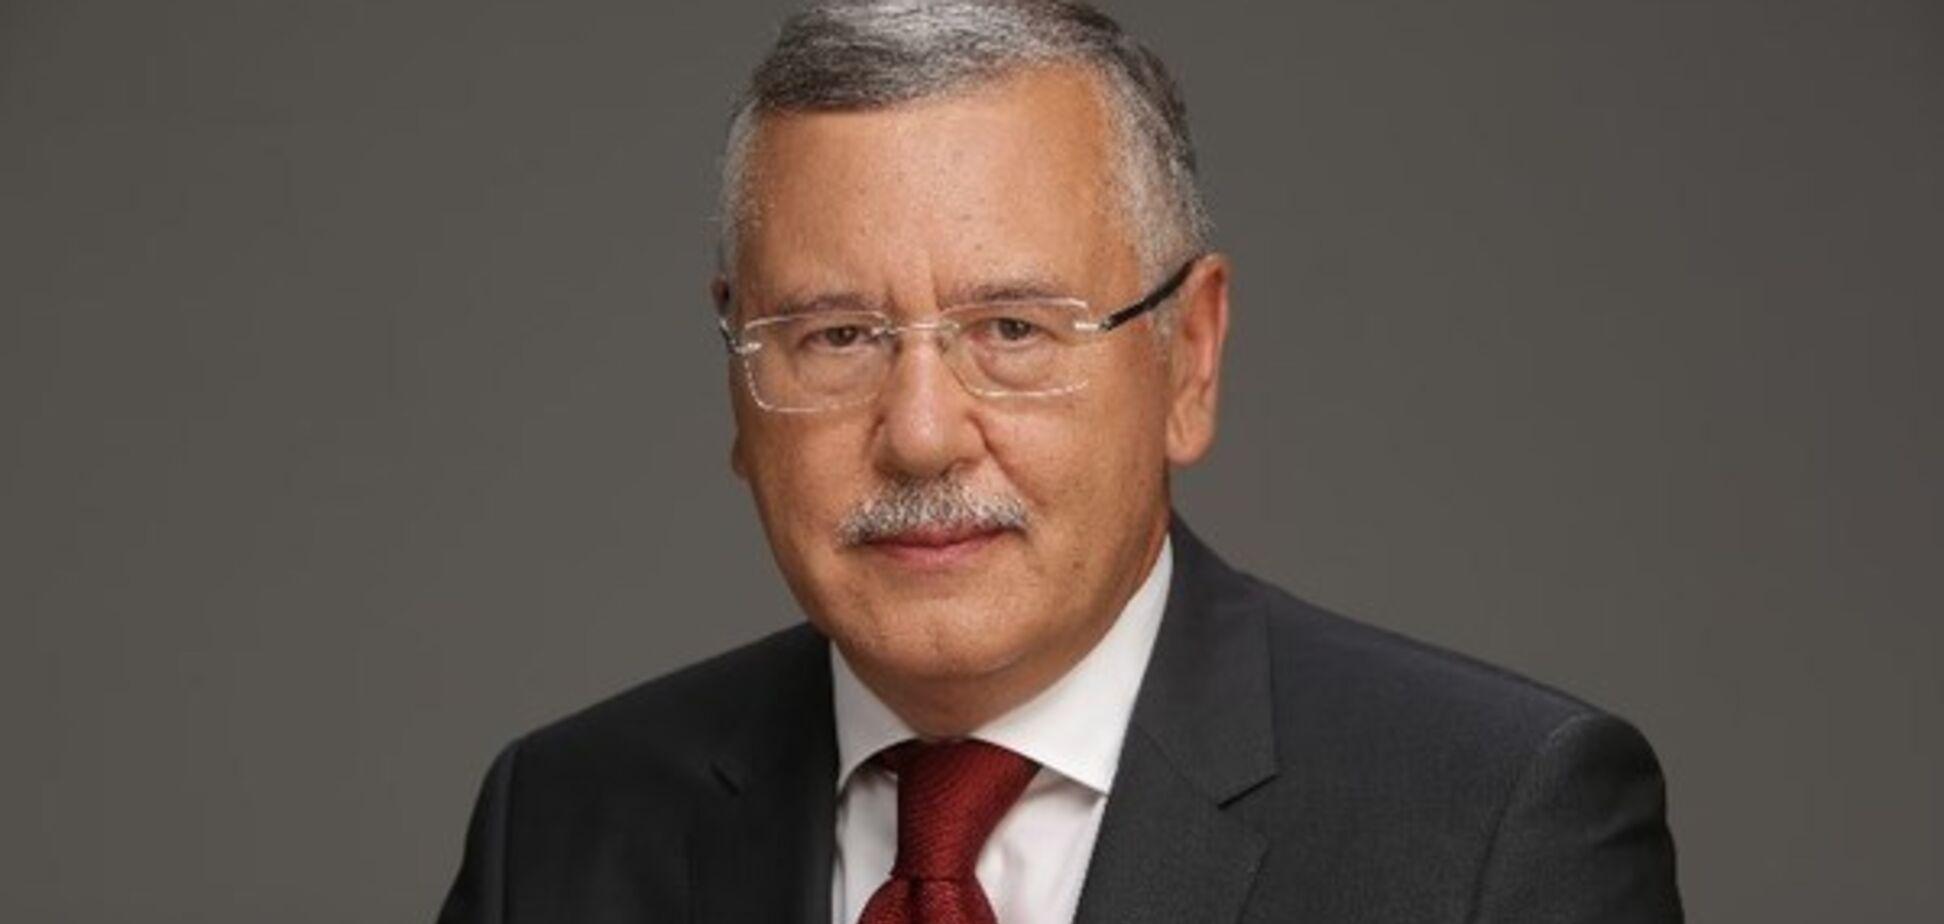 Програма Гриценка на президентських виборах